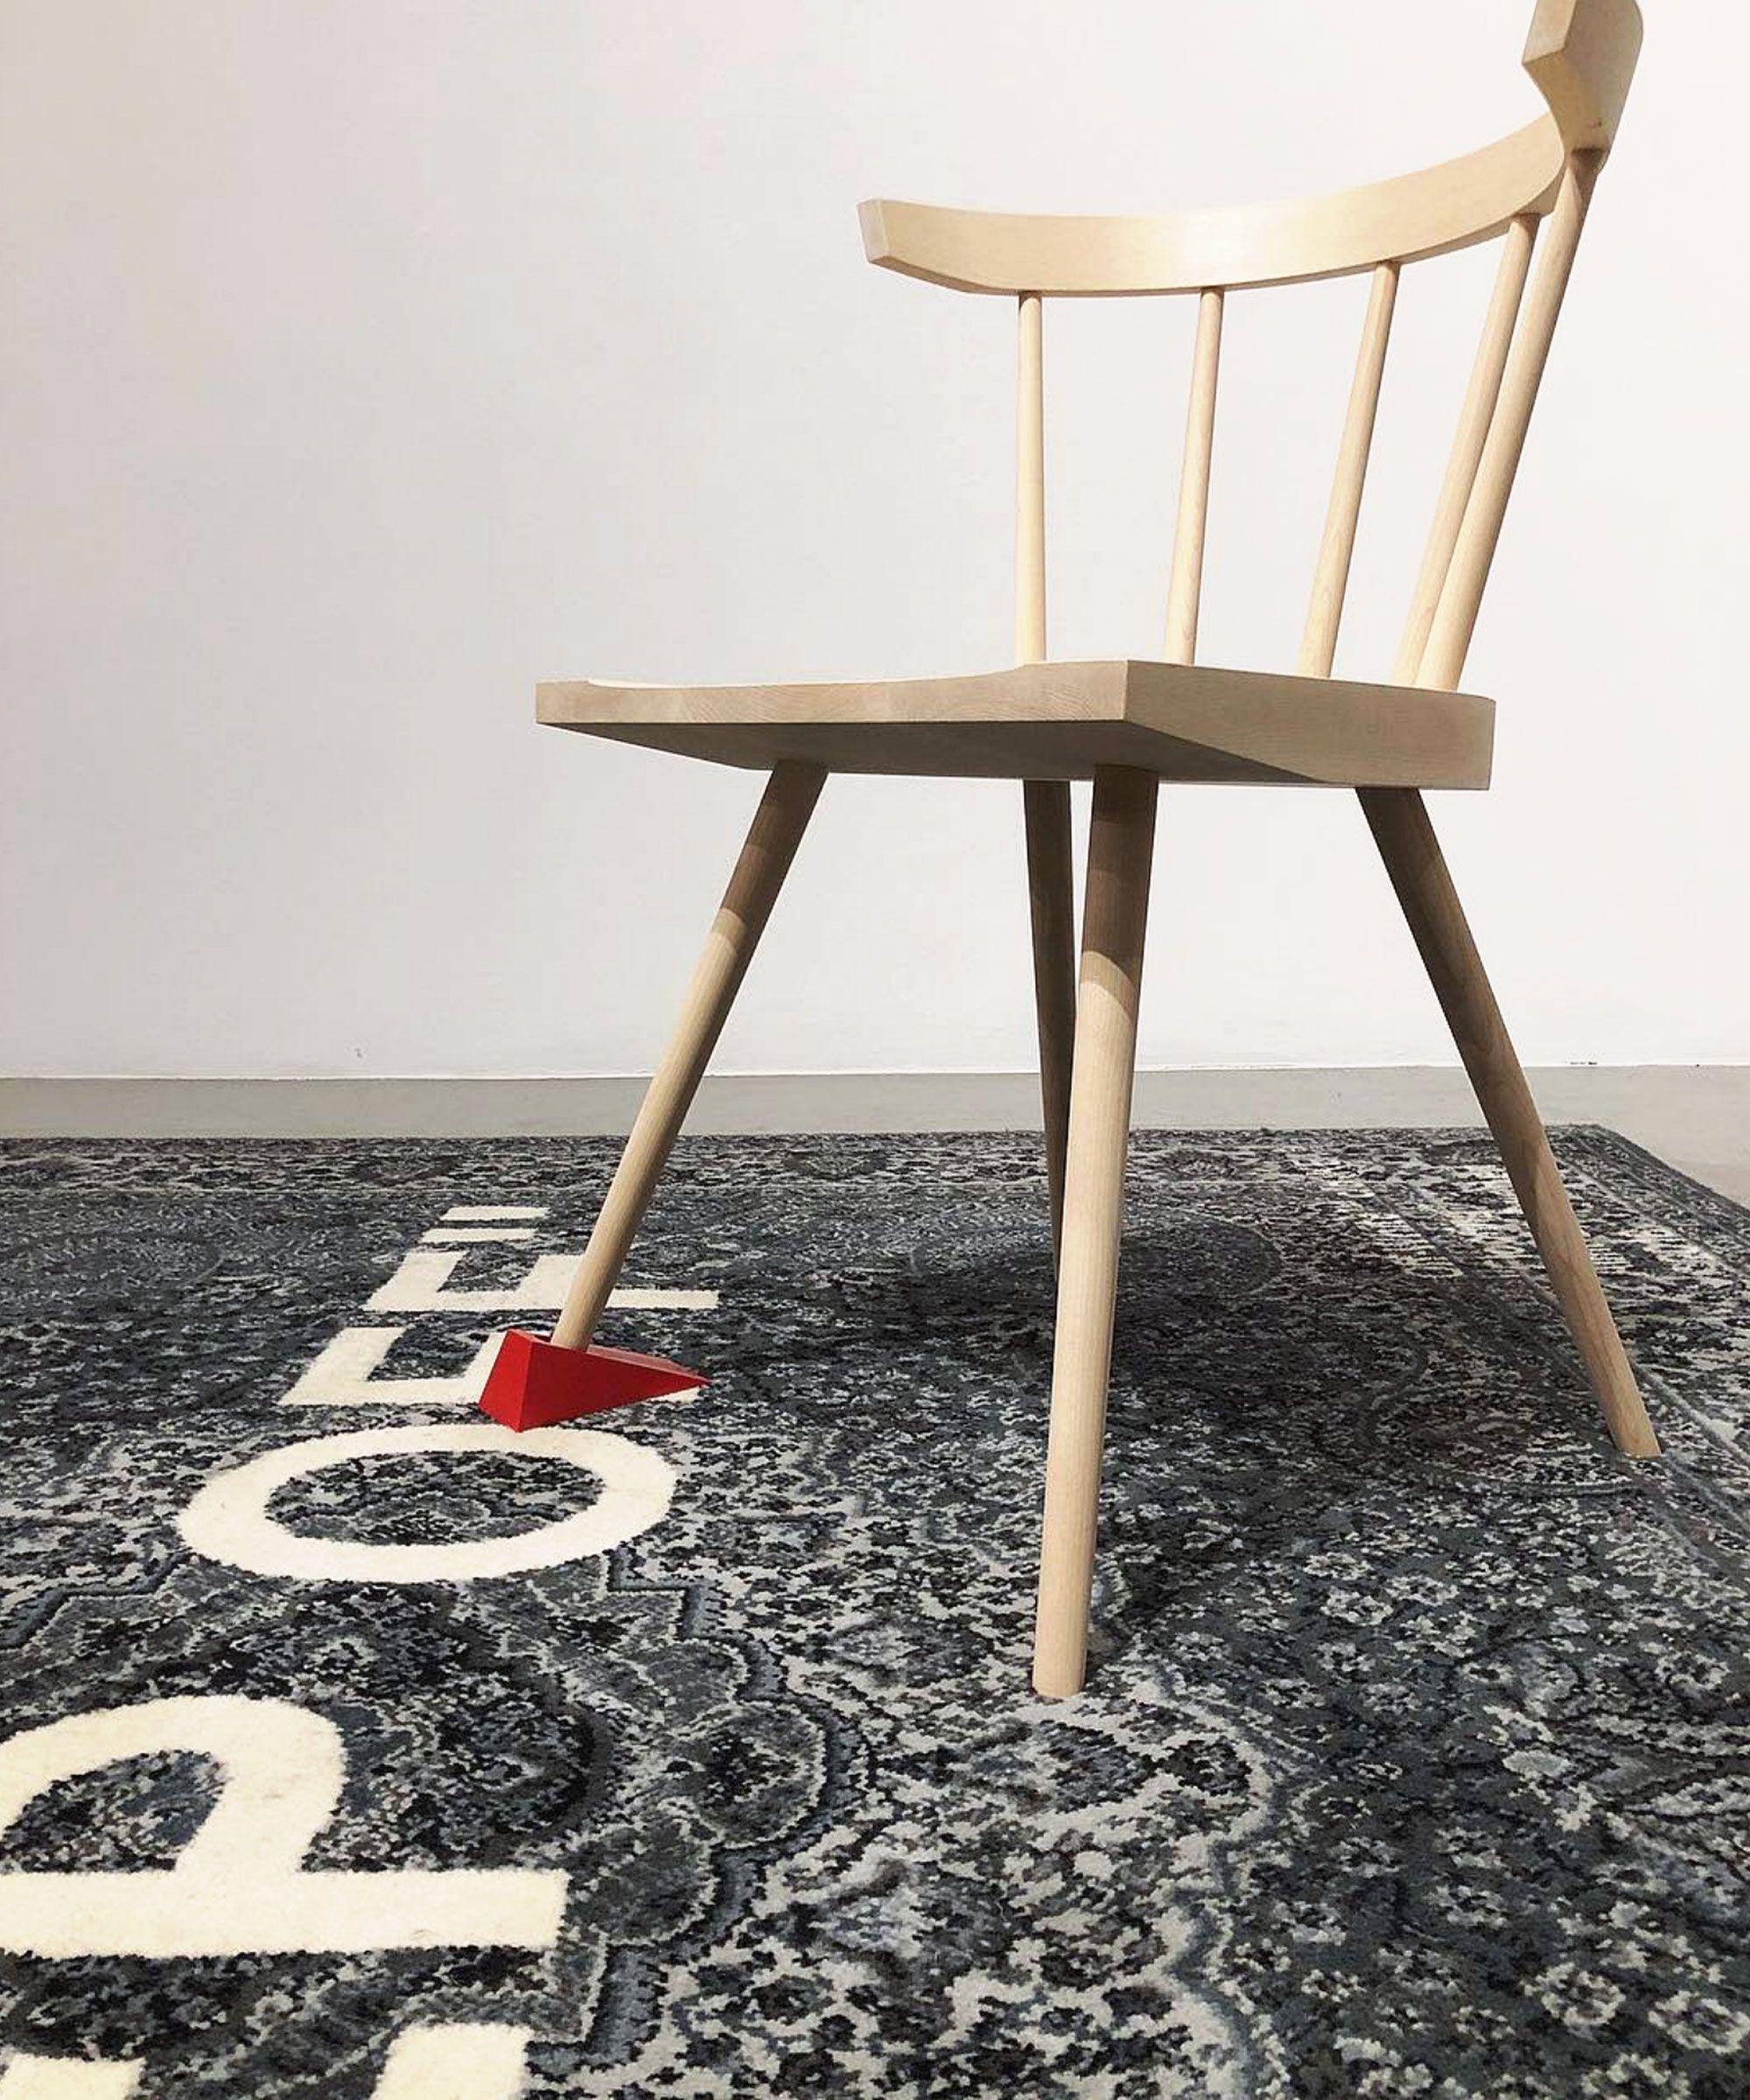 Einen Türstopper Alle Virgil Bald Für Wir X Ikea AblohWarum Design UMSVpqz